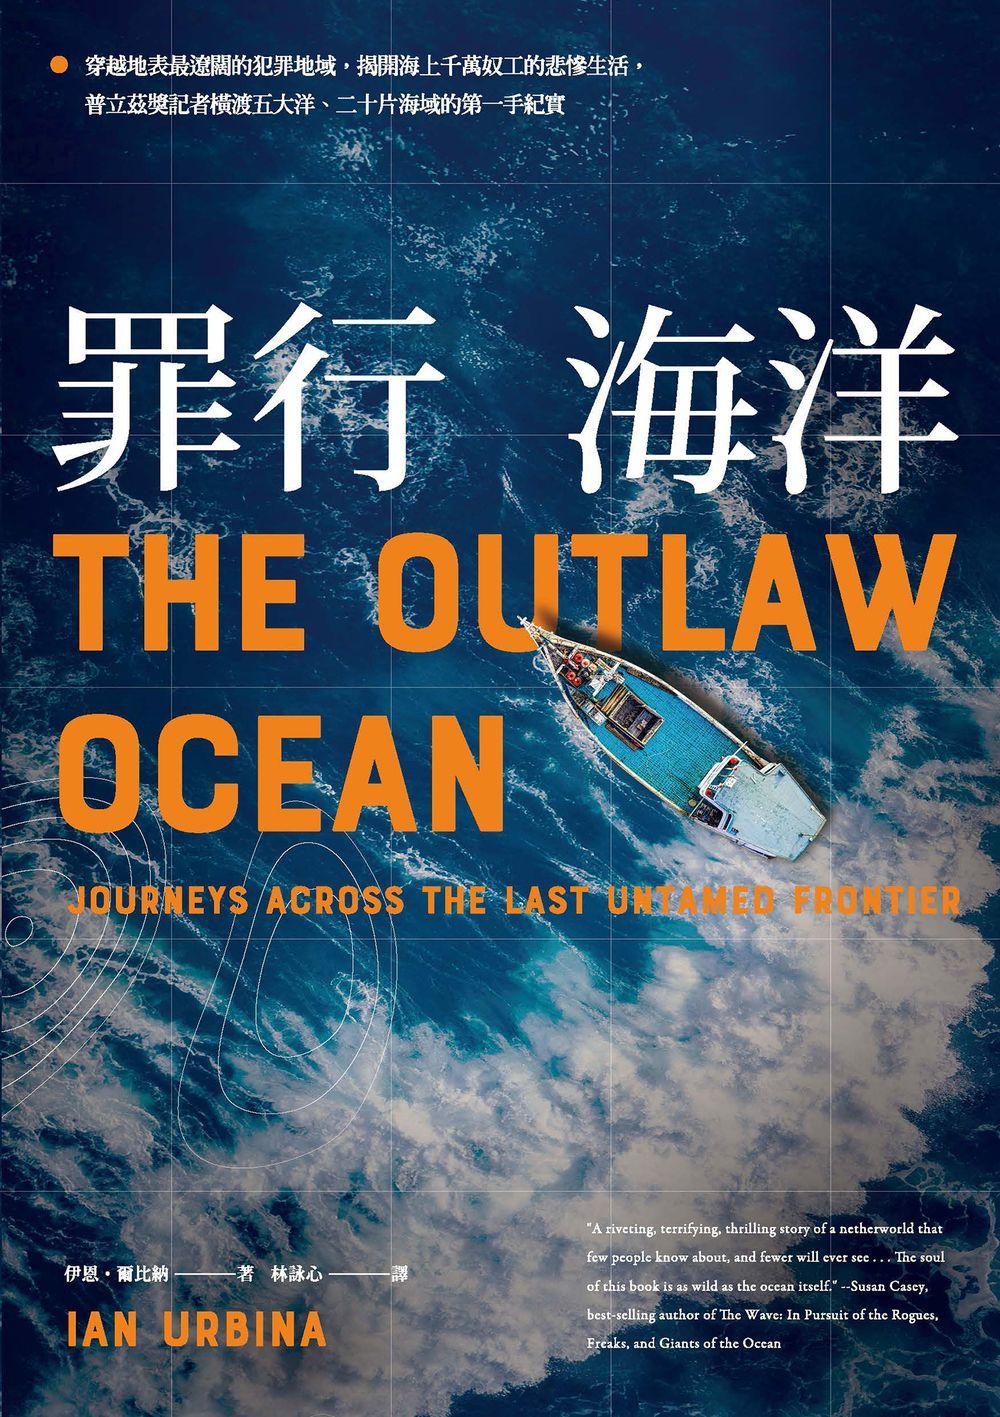 罪行海洋:穿越地表最遼闊的犯罪地域,揭開海上千萬奴工的悲慘生活,普立茲獎記者橫渡五大洋、二十片海域的第一手紀實 (電子書)